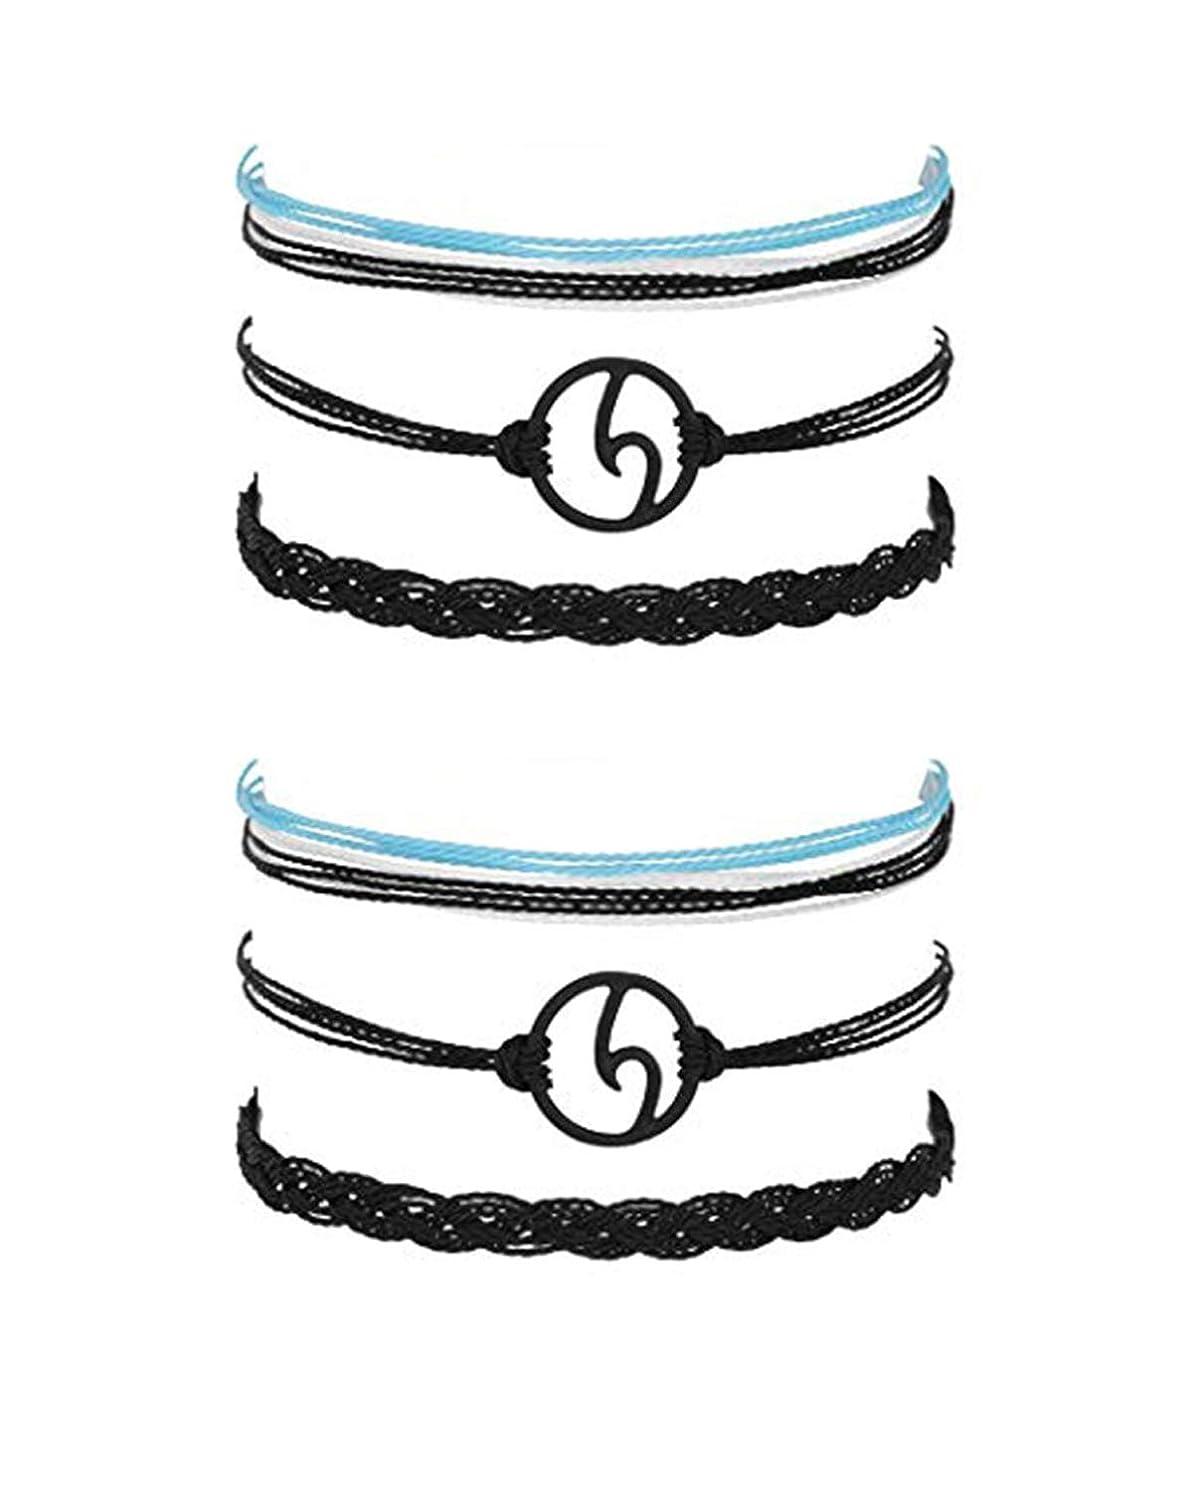 J Meng Wave Bracelet Adjustable Waterproof Ocean Wave Braided Rope String Bracelet for Woman